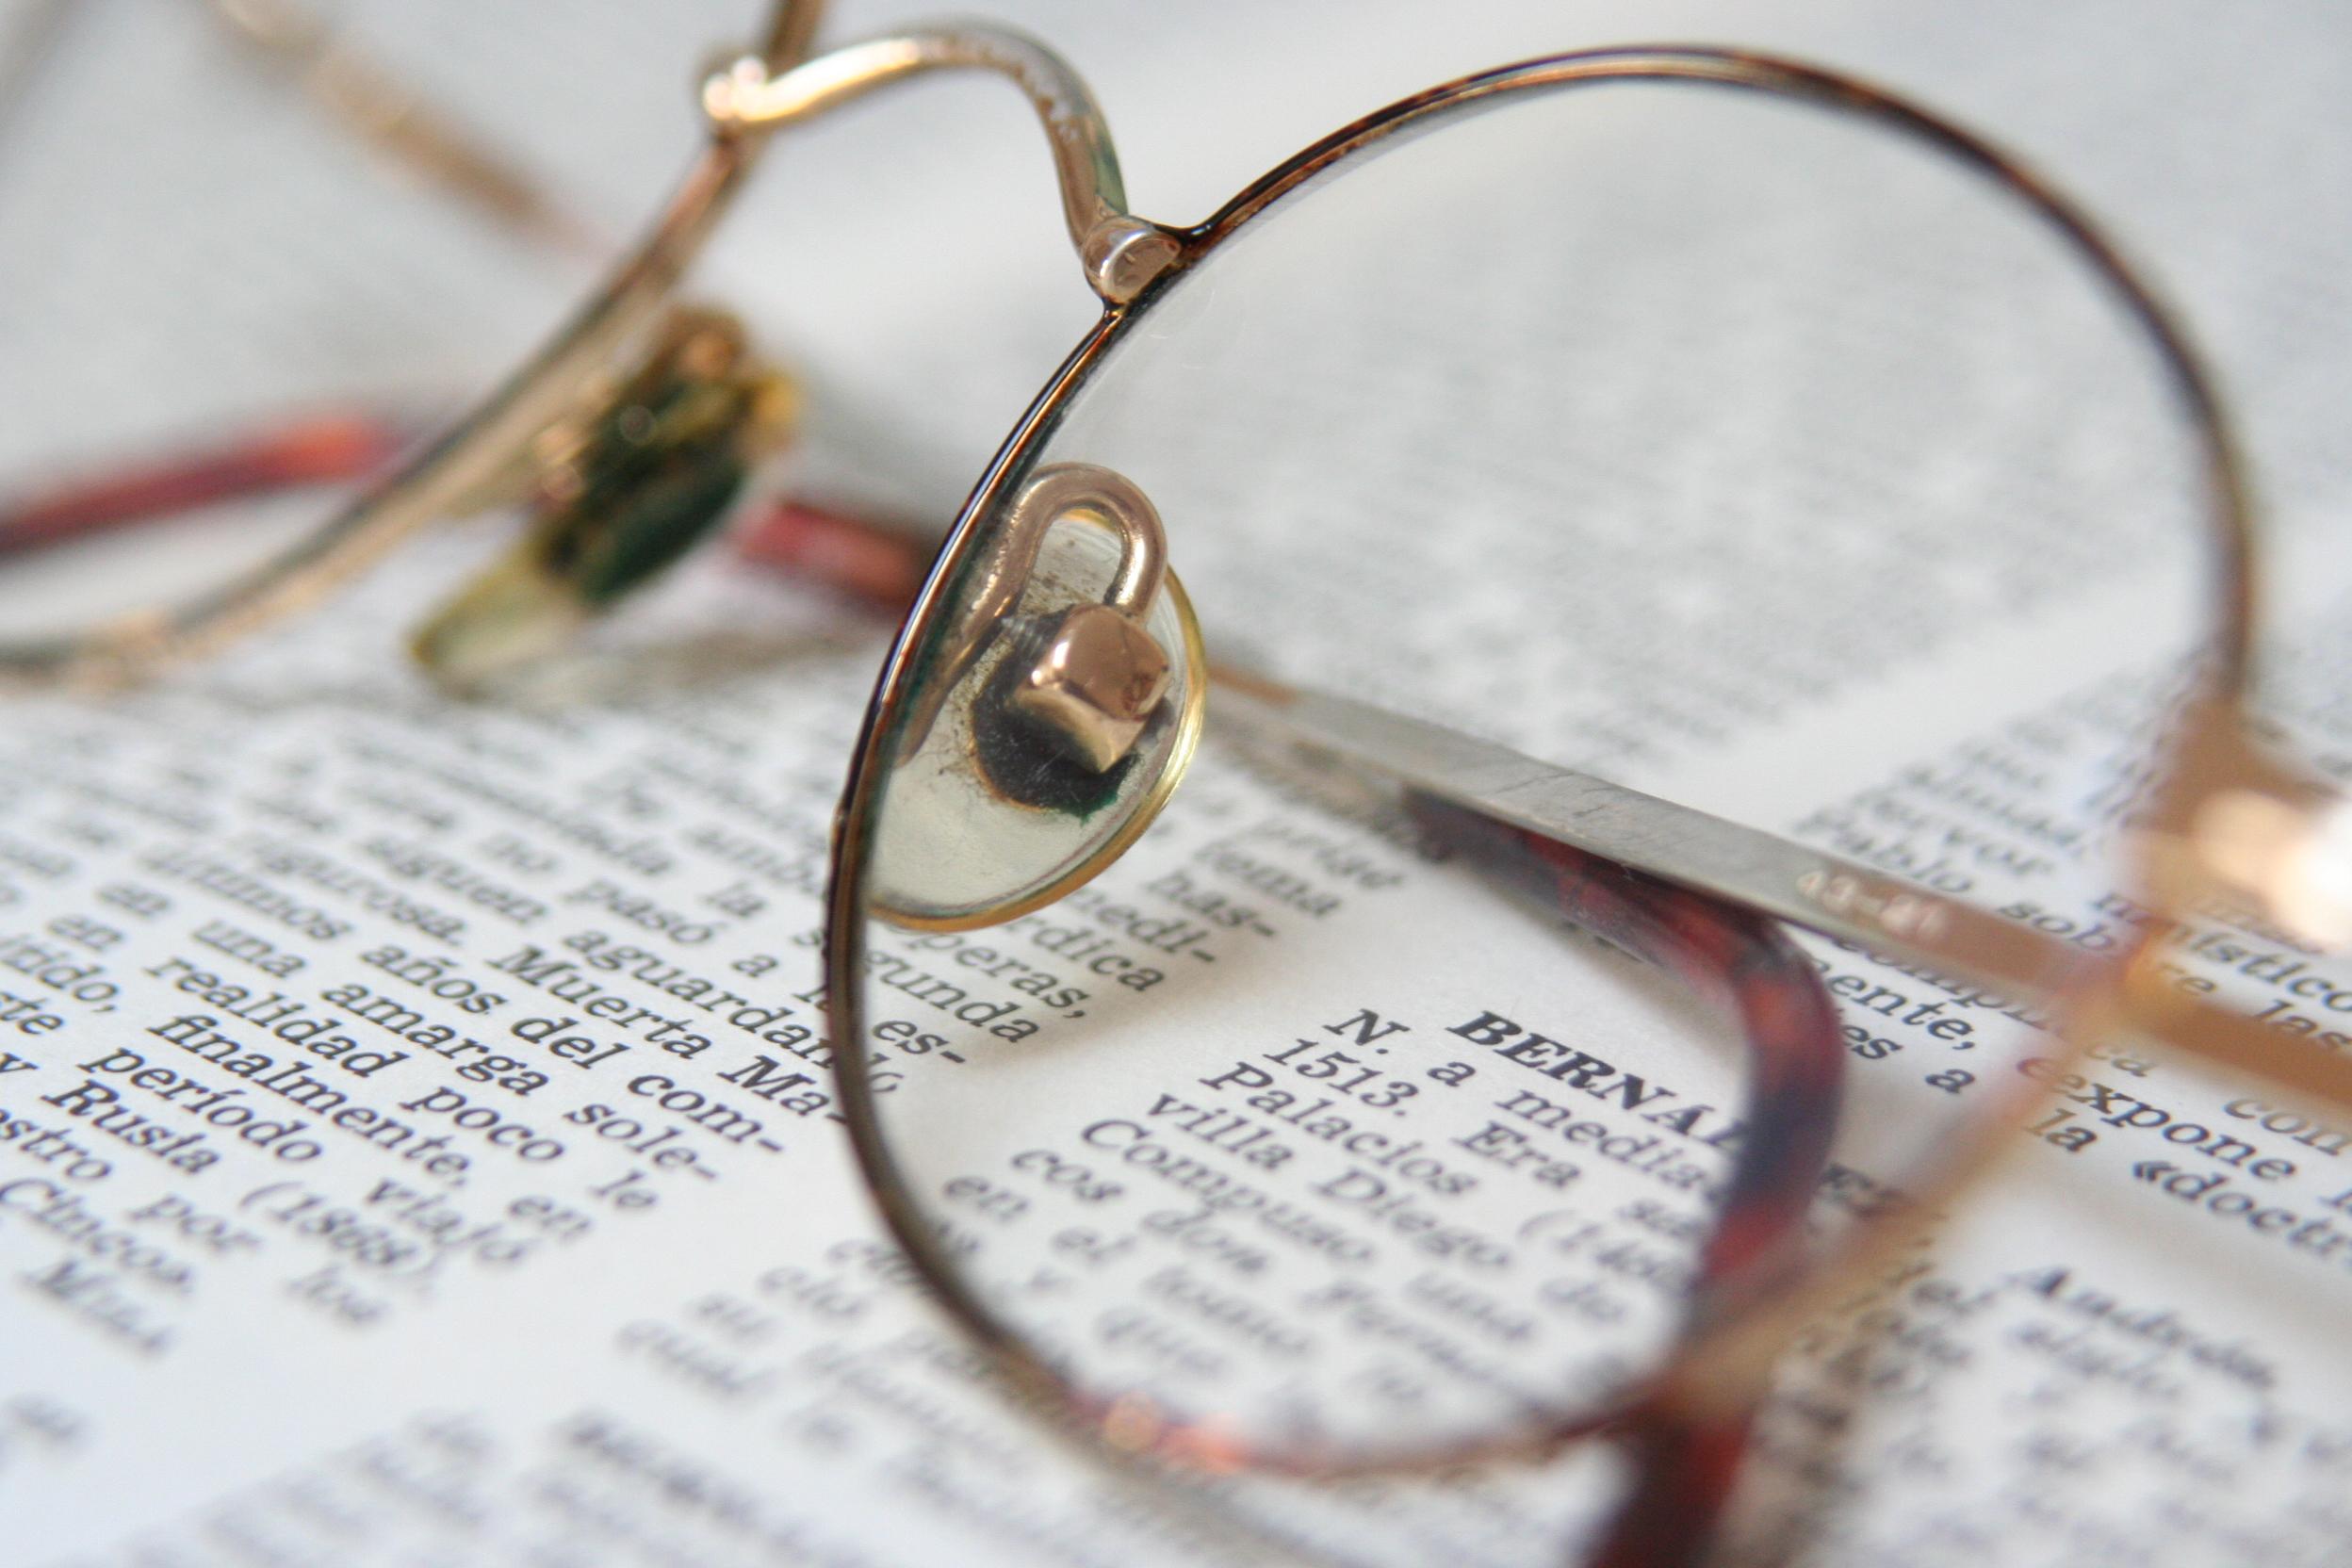 La necesidad de documentos traducidos con validez oficial en el extranjero